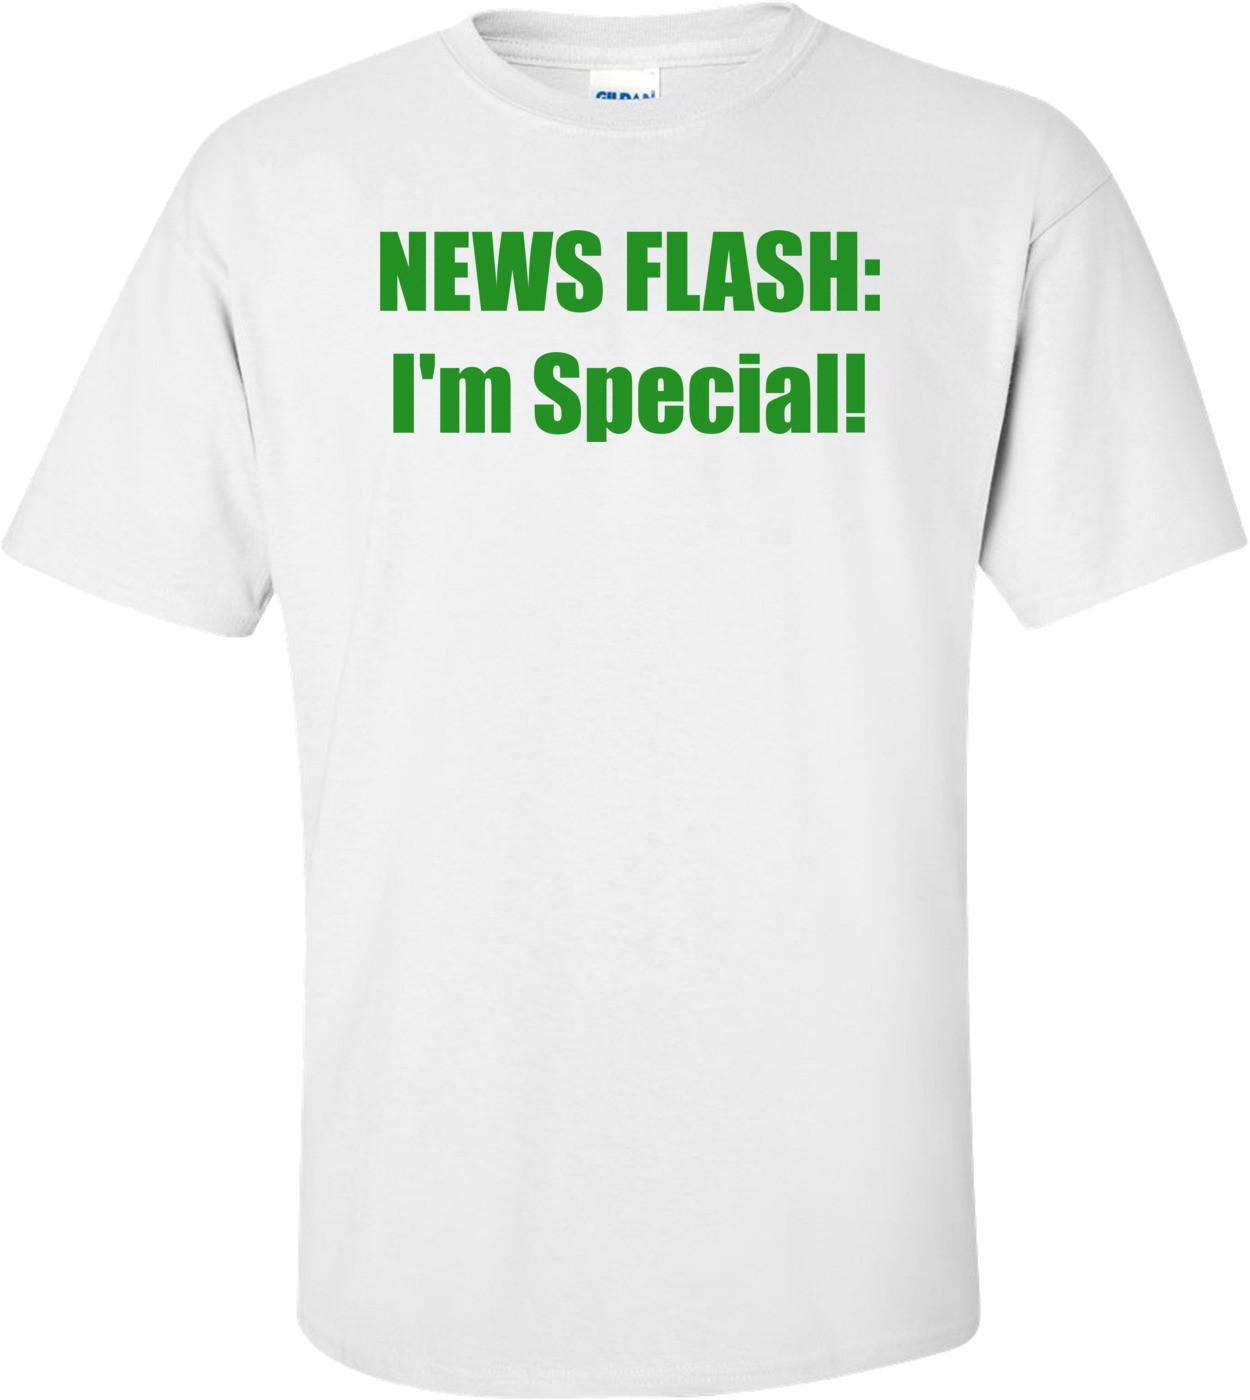 NEWS FLASH: I'm Special! Shirt